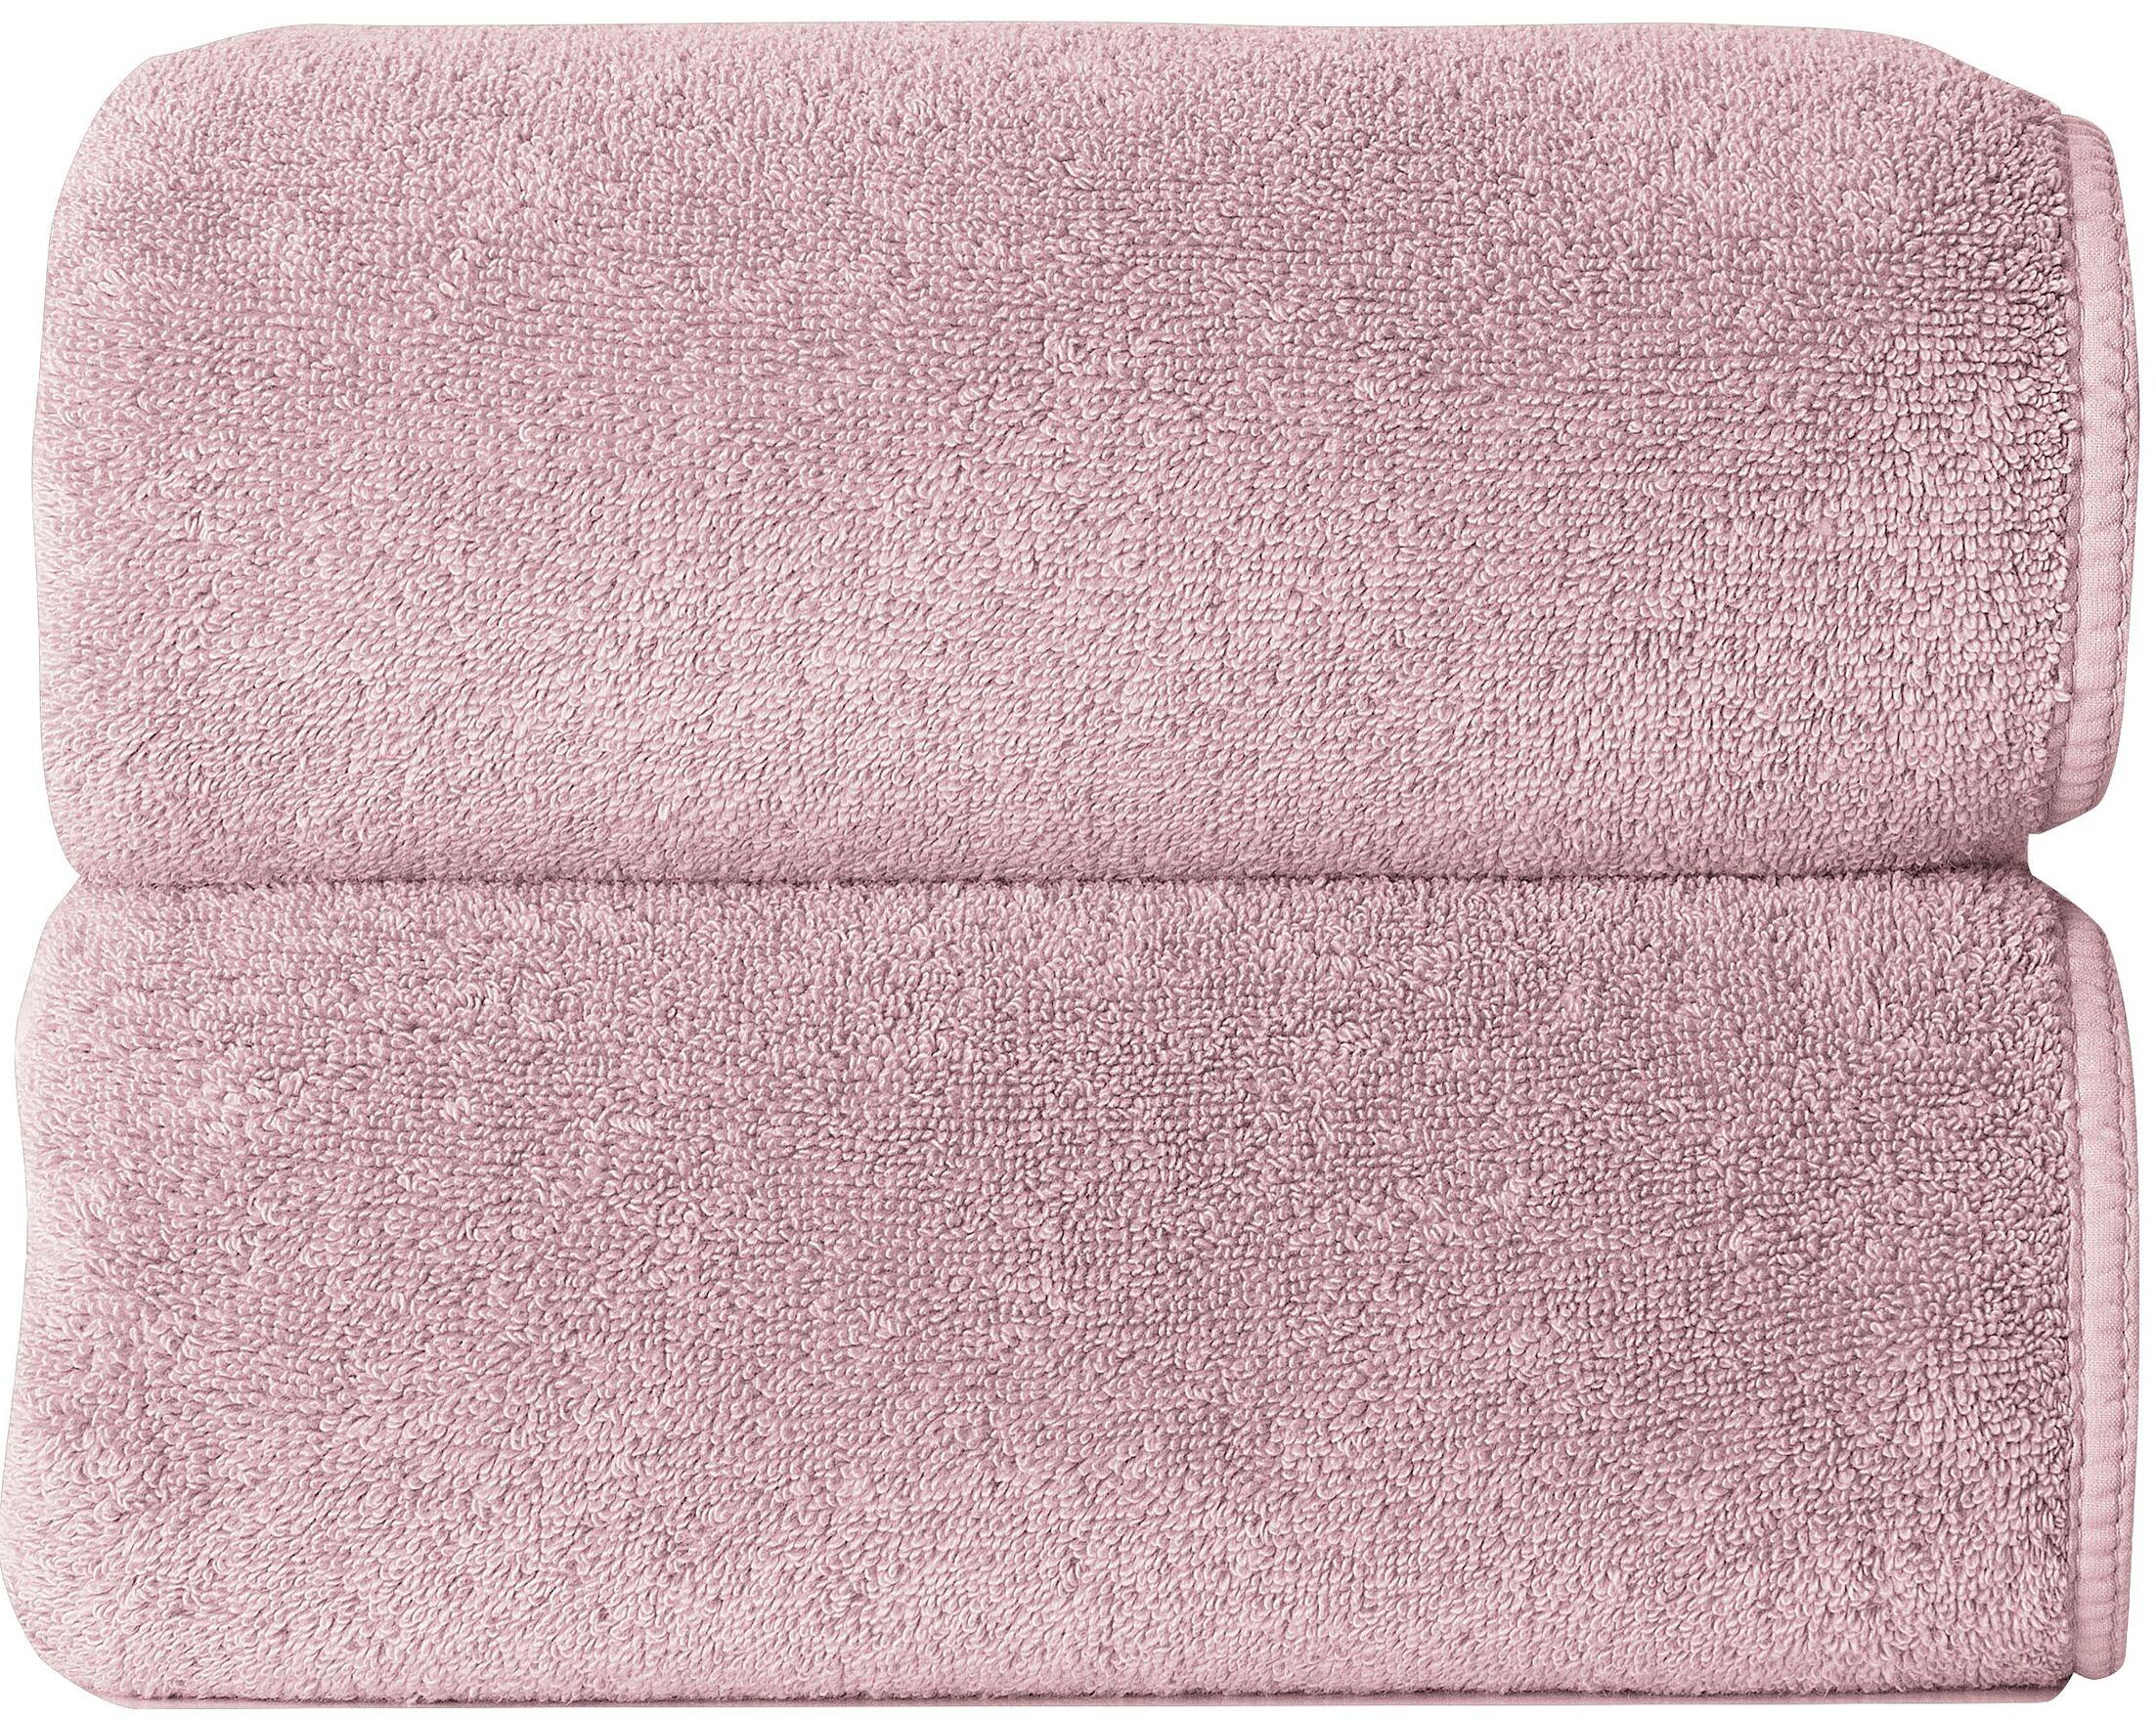 Hizer Sponge 6 Piece 100% Cotton Towel Set Color: Blush